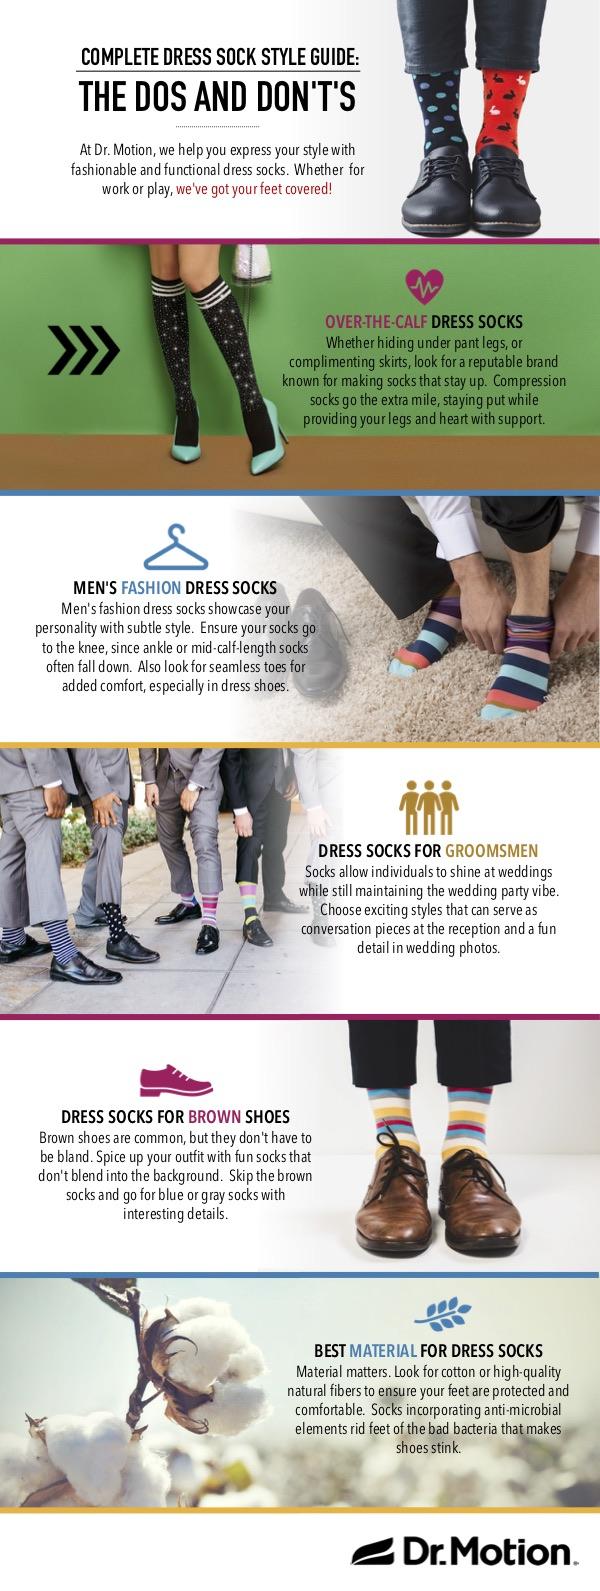 Over the calf dress socks, Men's fashion dress socks, Dress socks for groomsmen, Dress socks for brown shoes, Best material for dress socks